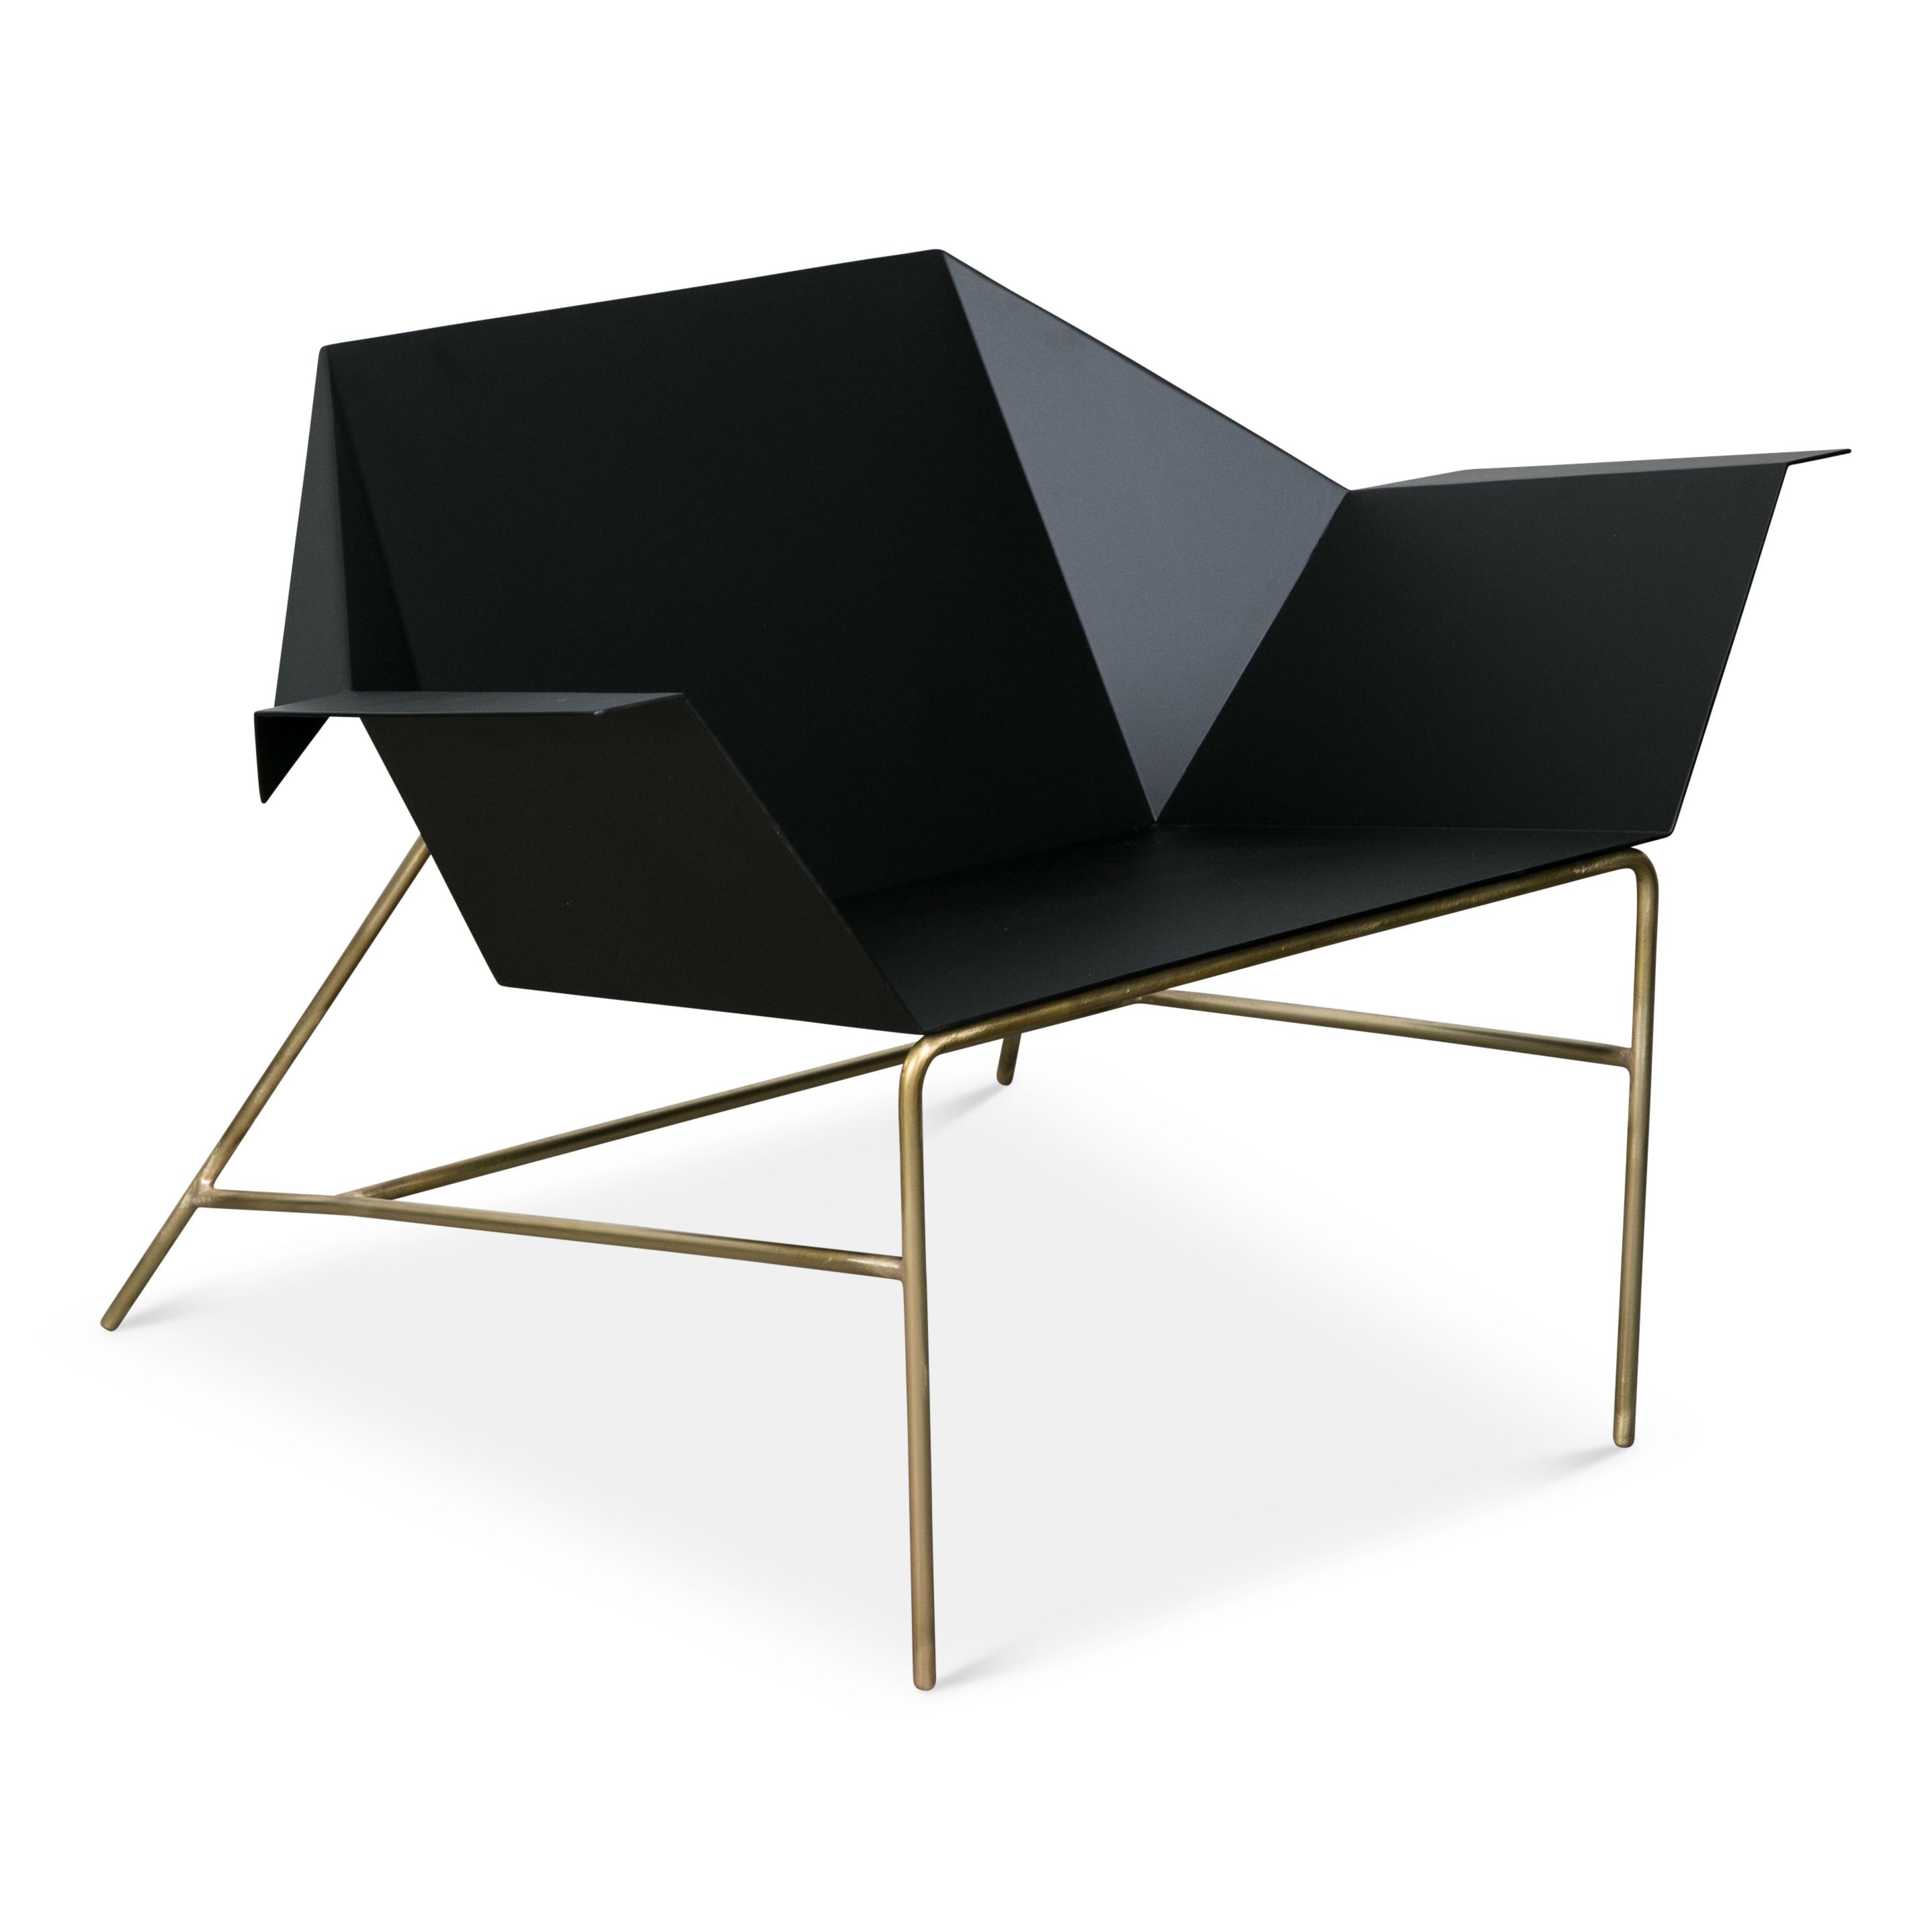 Shank Chair by John Liston